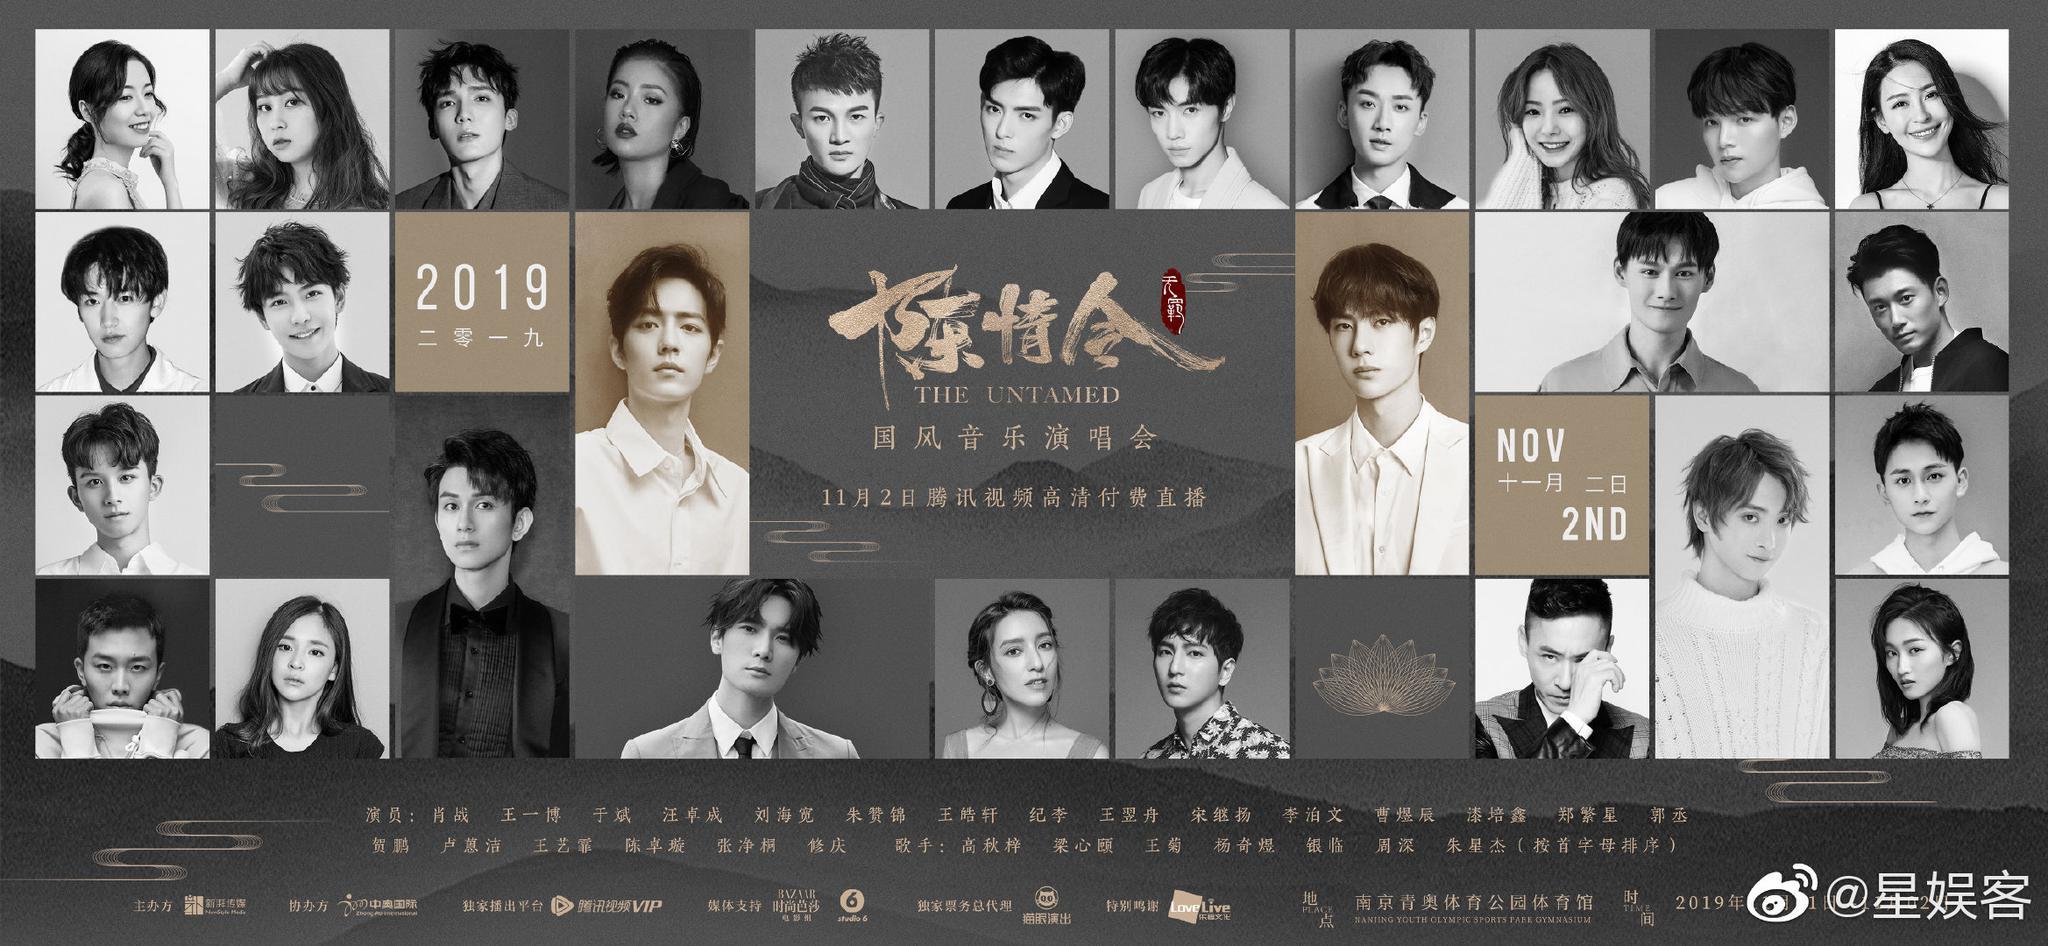 陈情令南京演唱会阵容:肖战,王一博,于斌,汪卓成,刘海宽